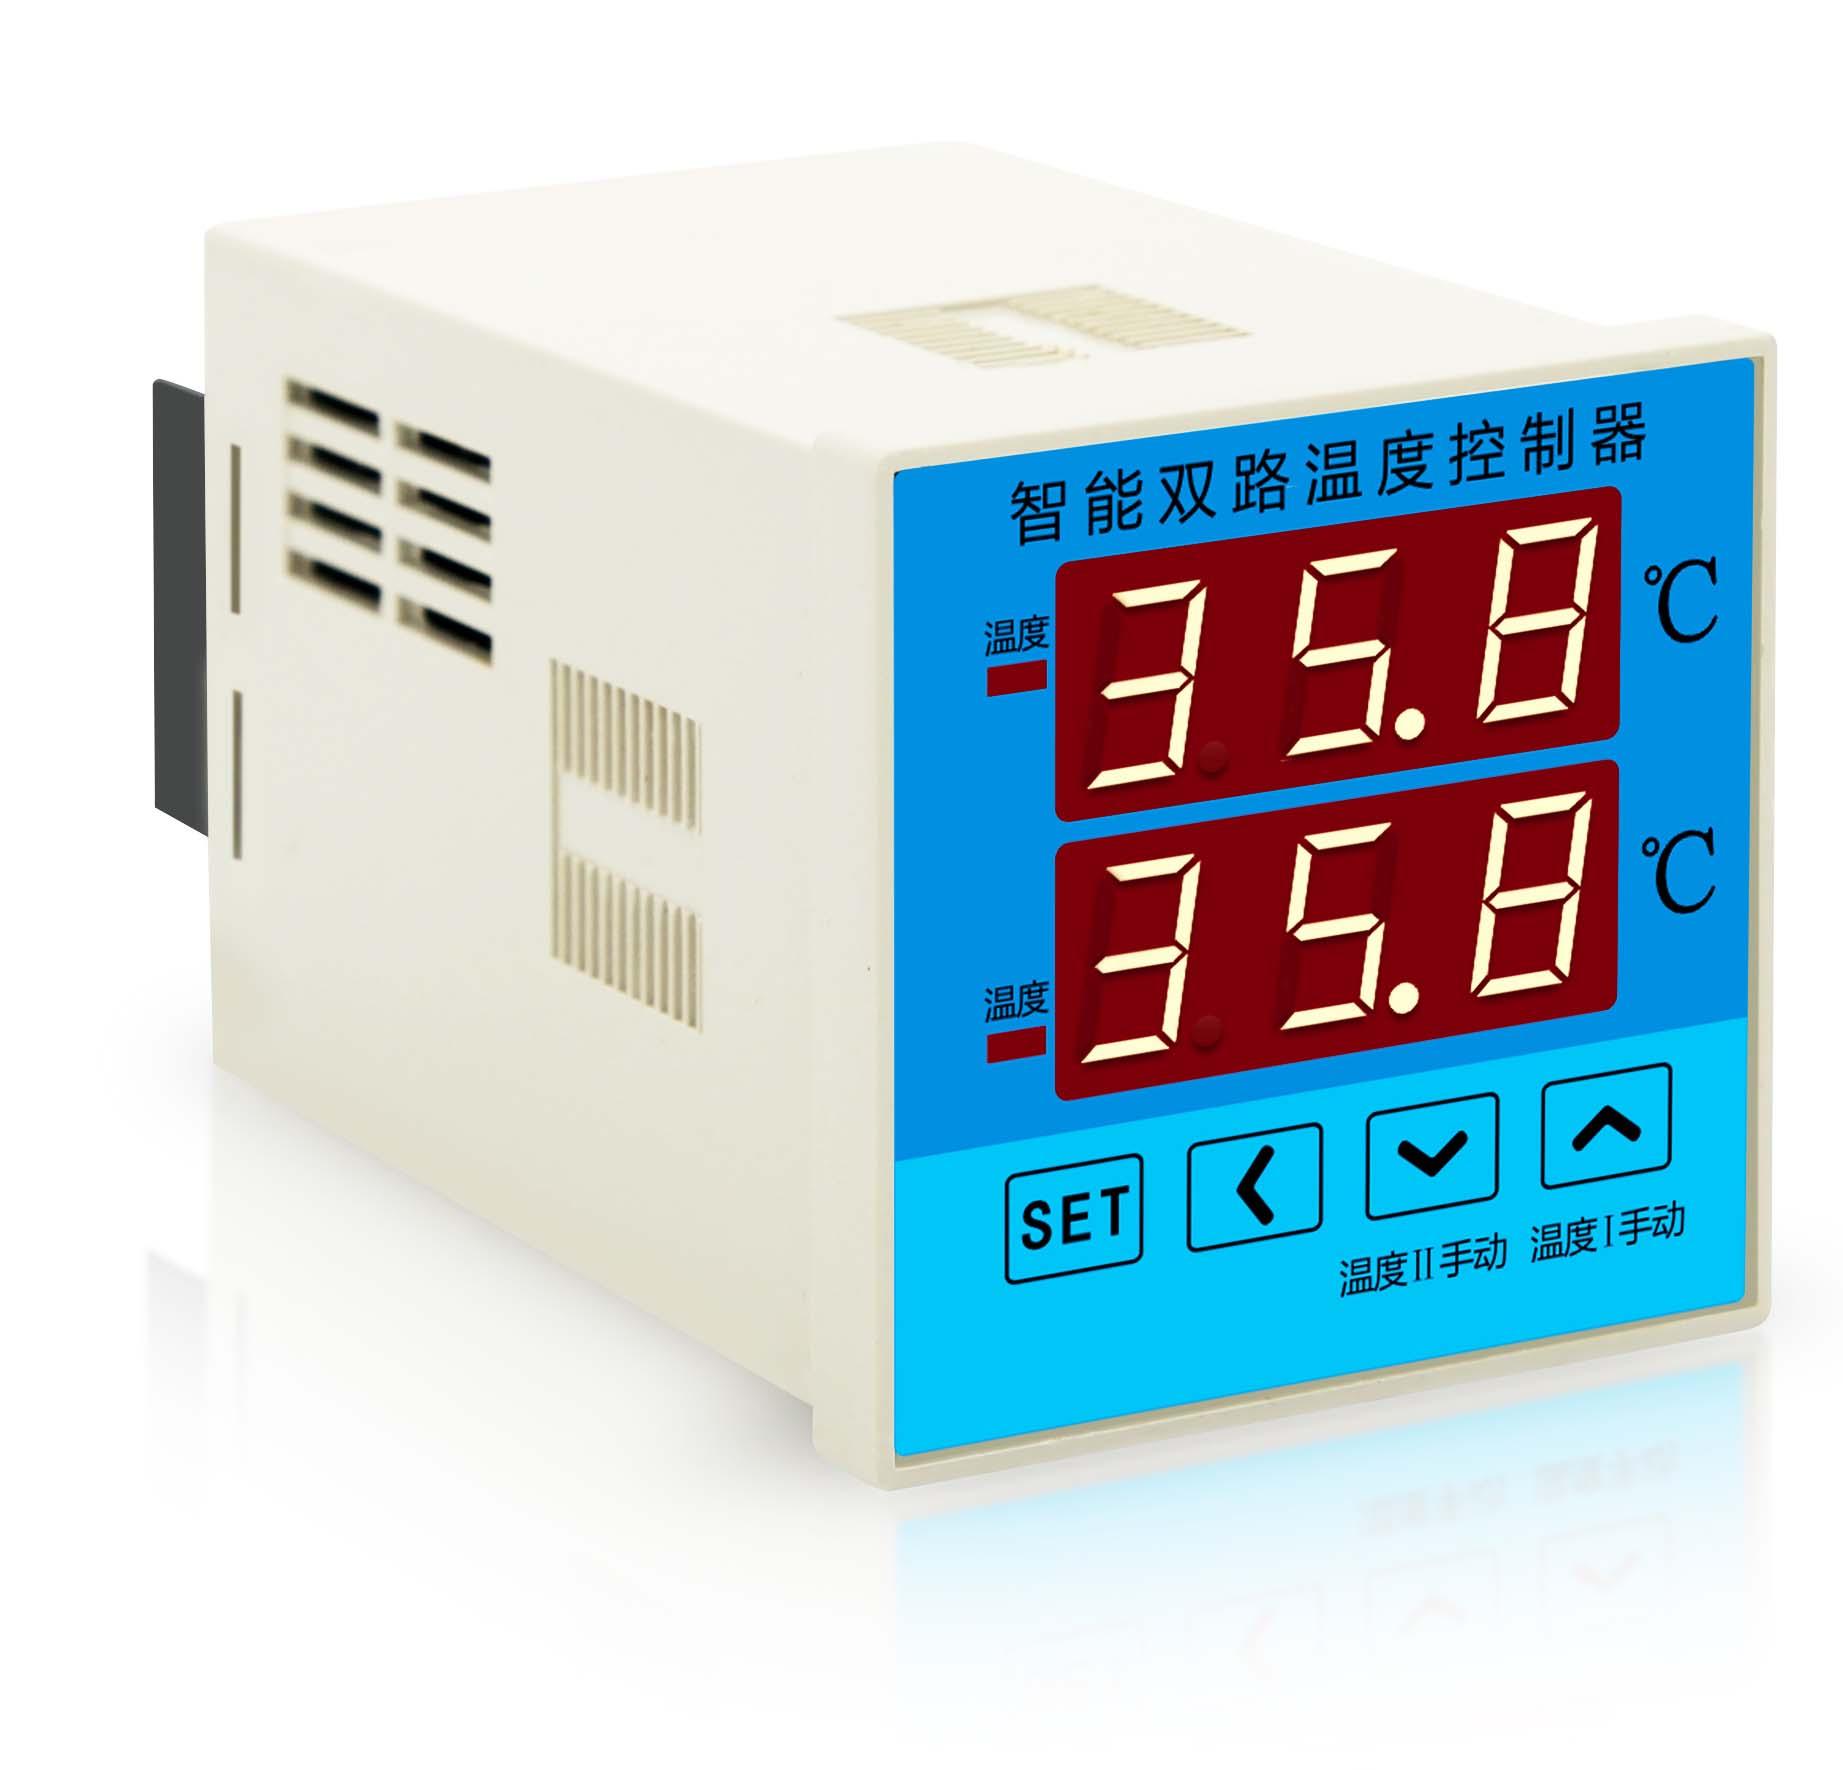 塔城E5EC-TCX4ASM-064数字温控器程序型优惠价多少?